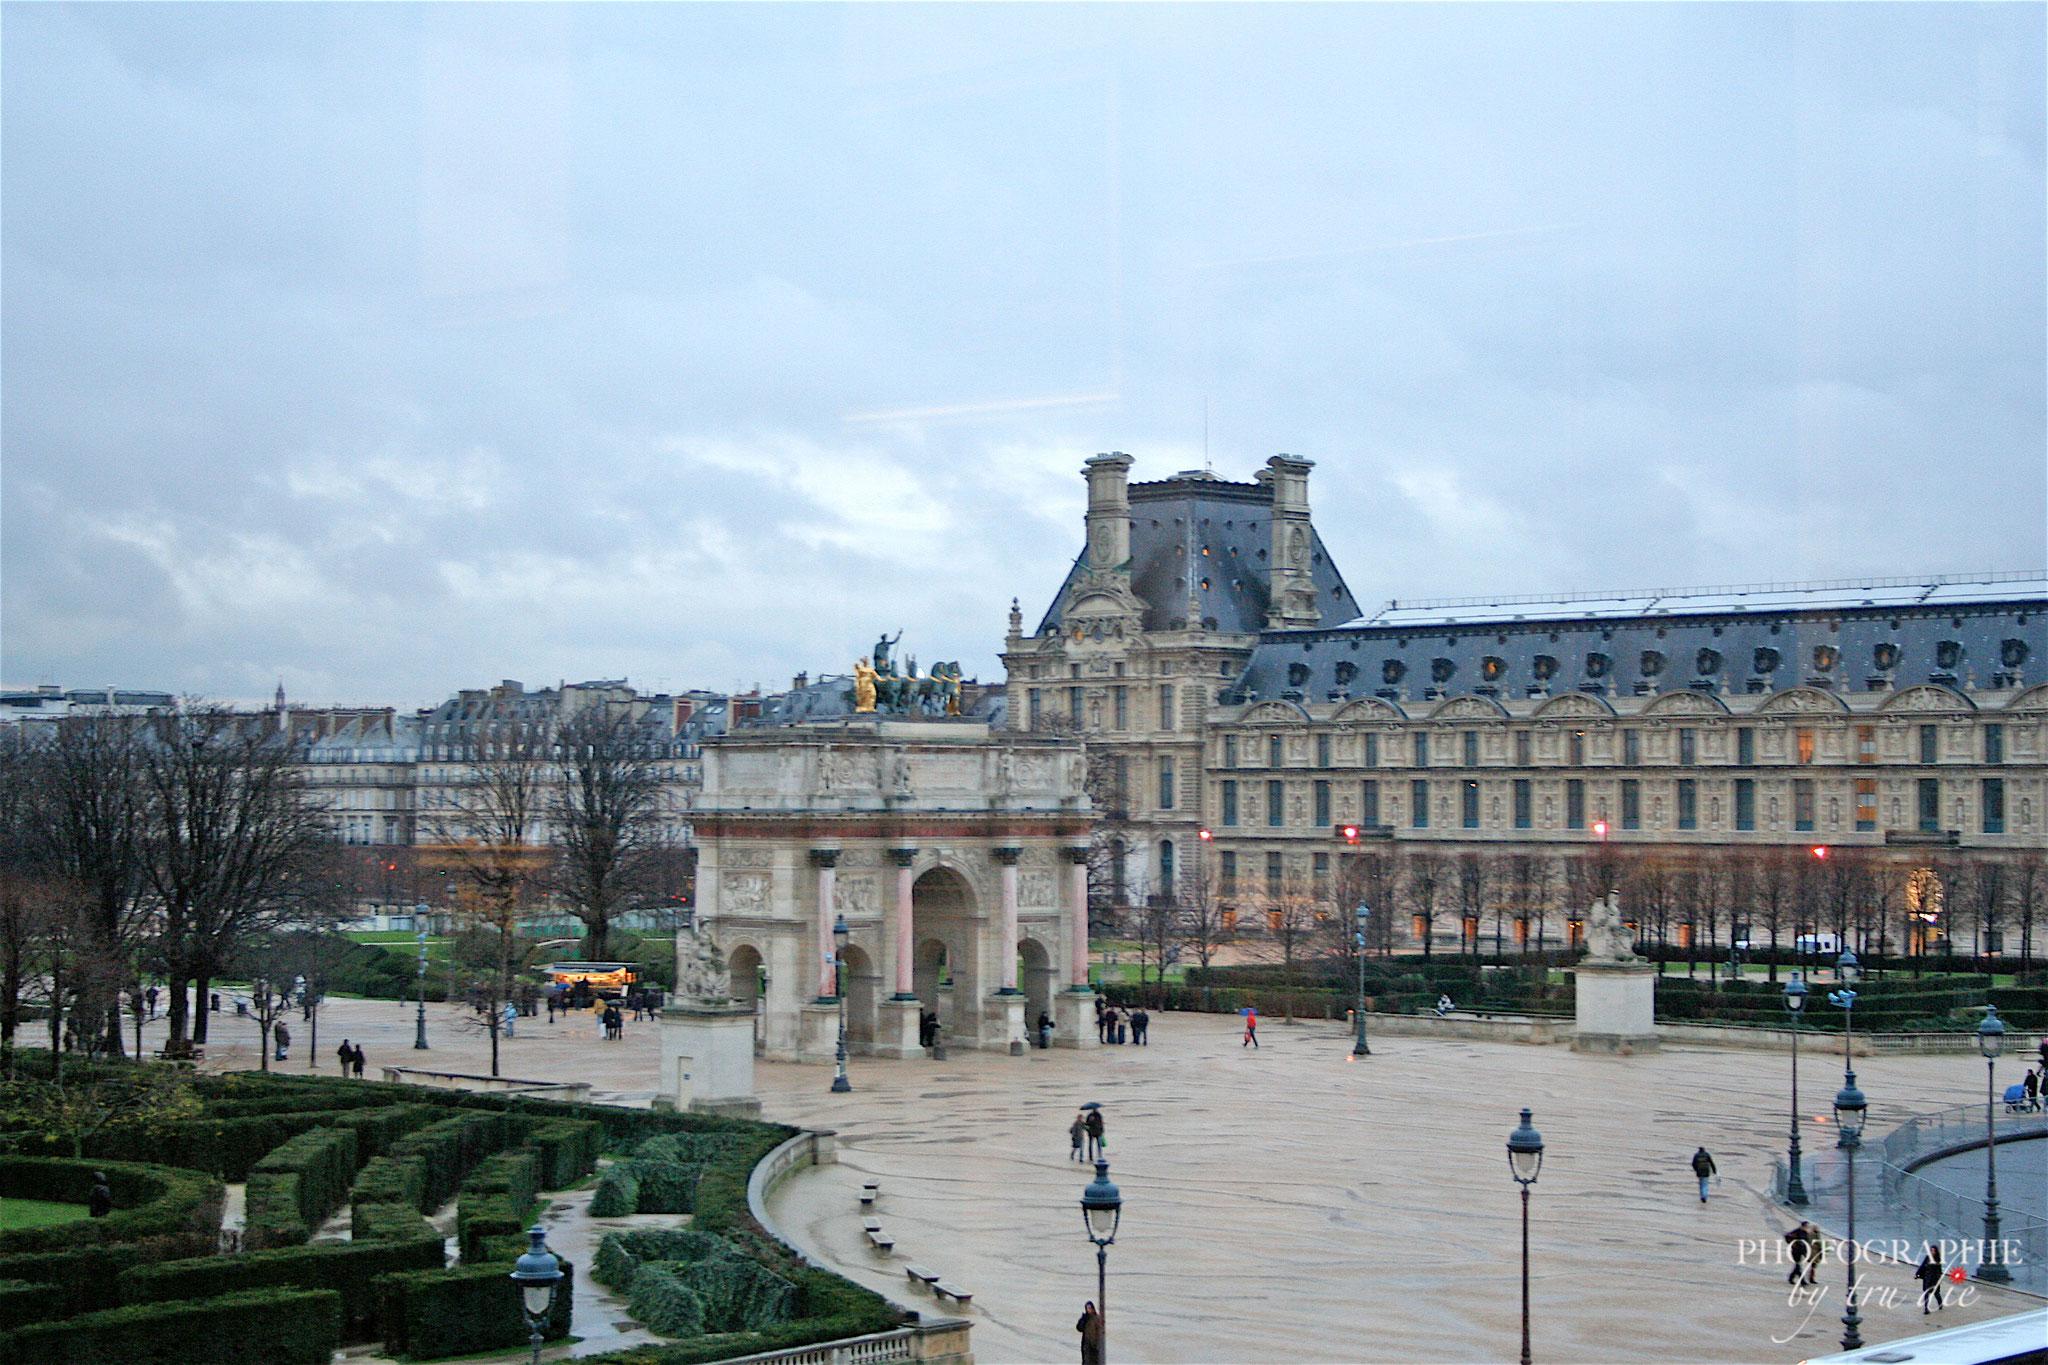 Bild: Louvre Paris mit Arc de Triomphe du Carrousel zwischen Louvre und Tuilerien